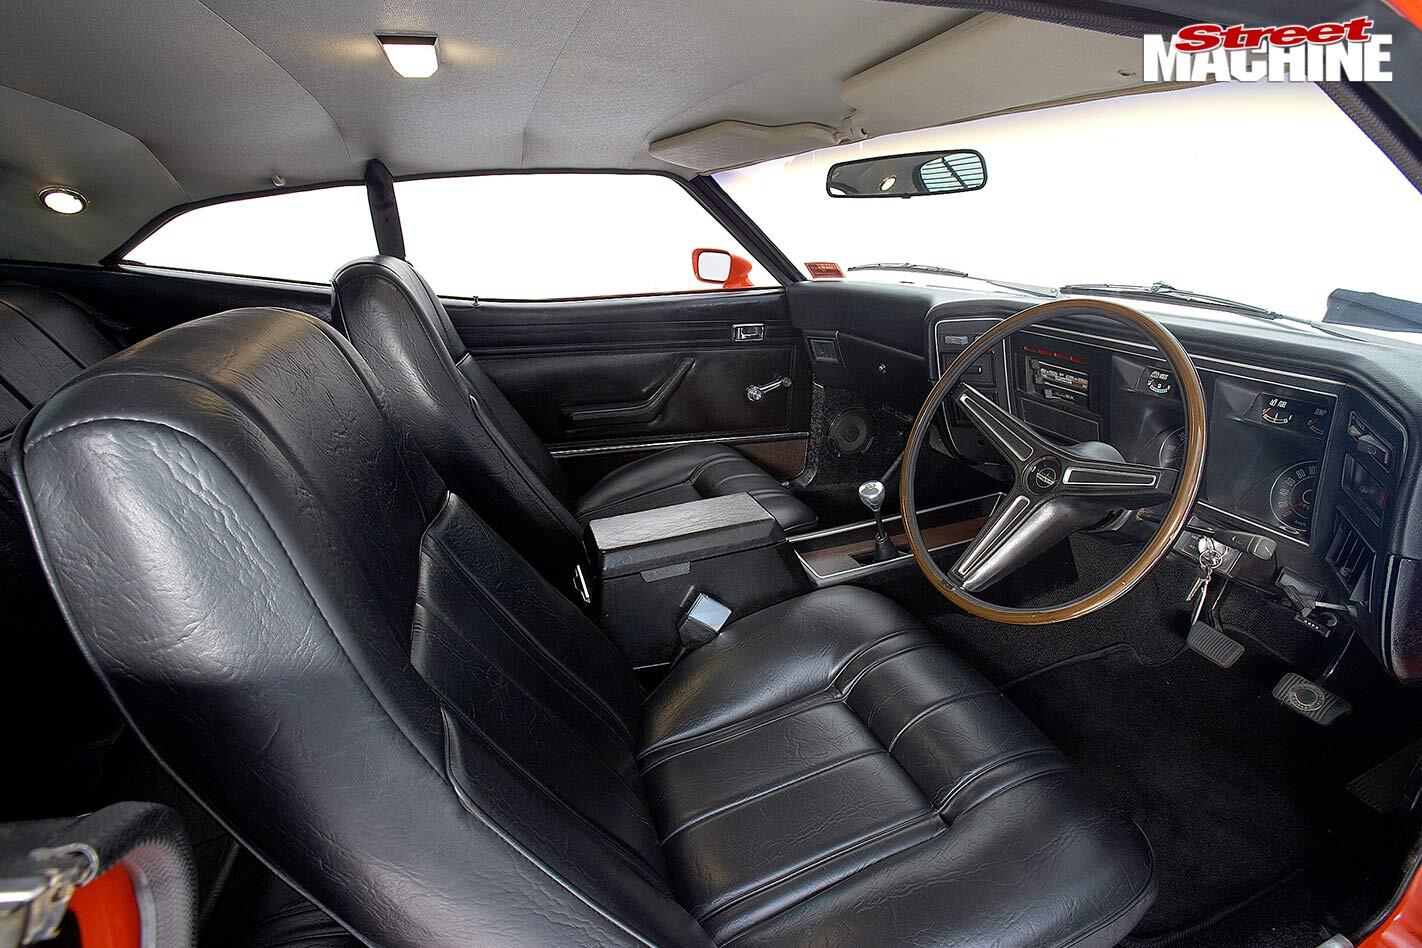 Ford Falcon interior